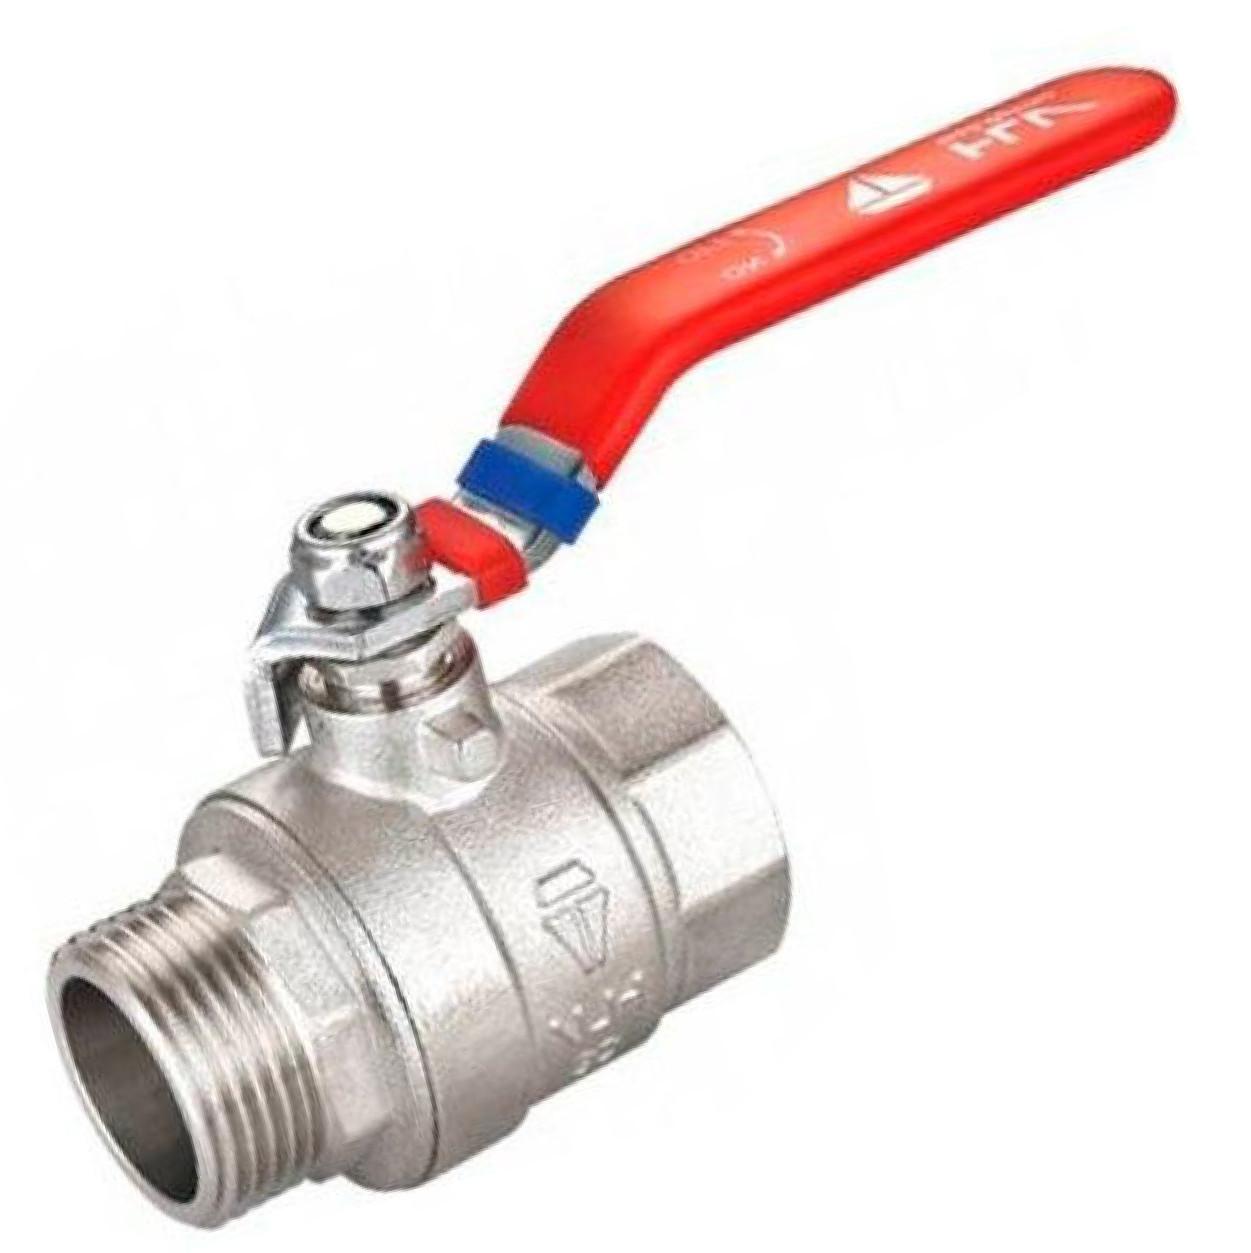 HLV optima кран шаровый PN40 3/4 ГШ ручка латунный